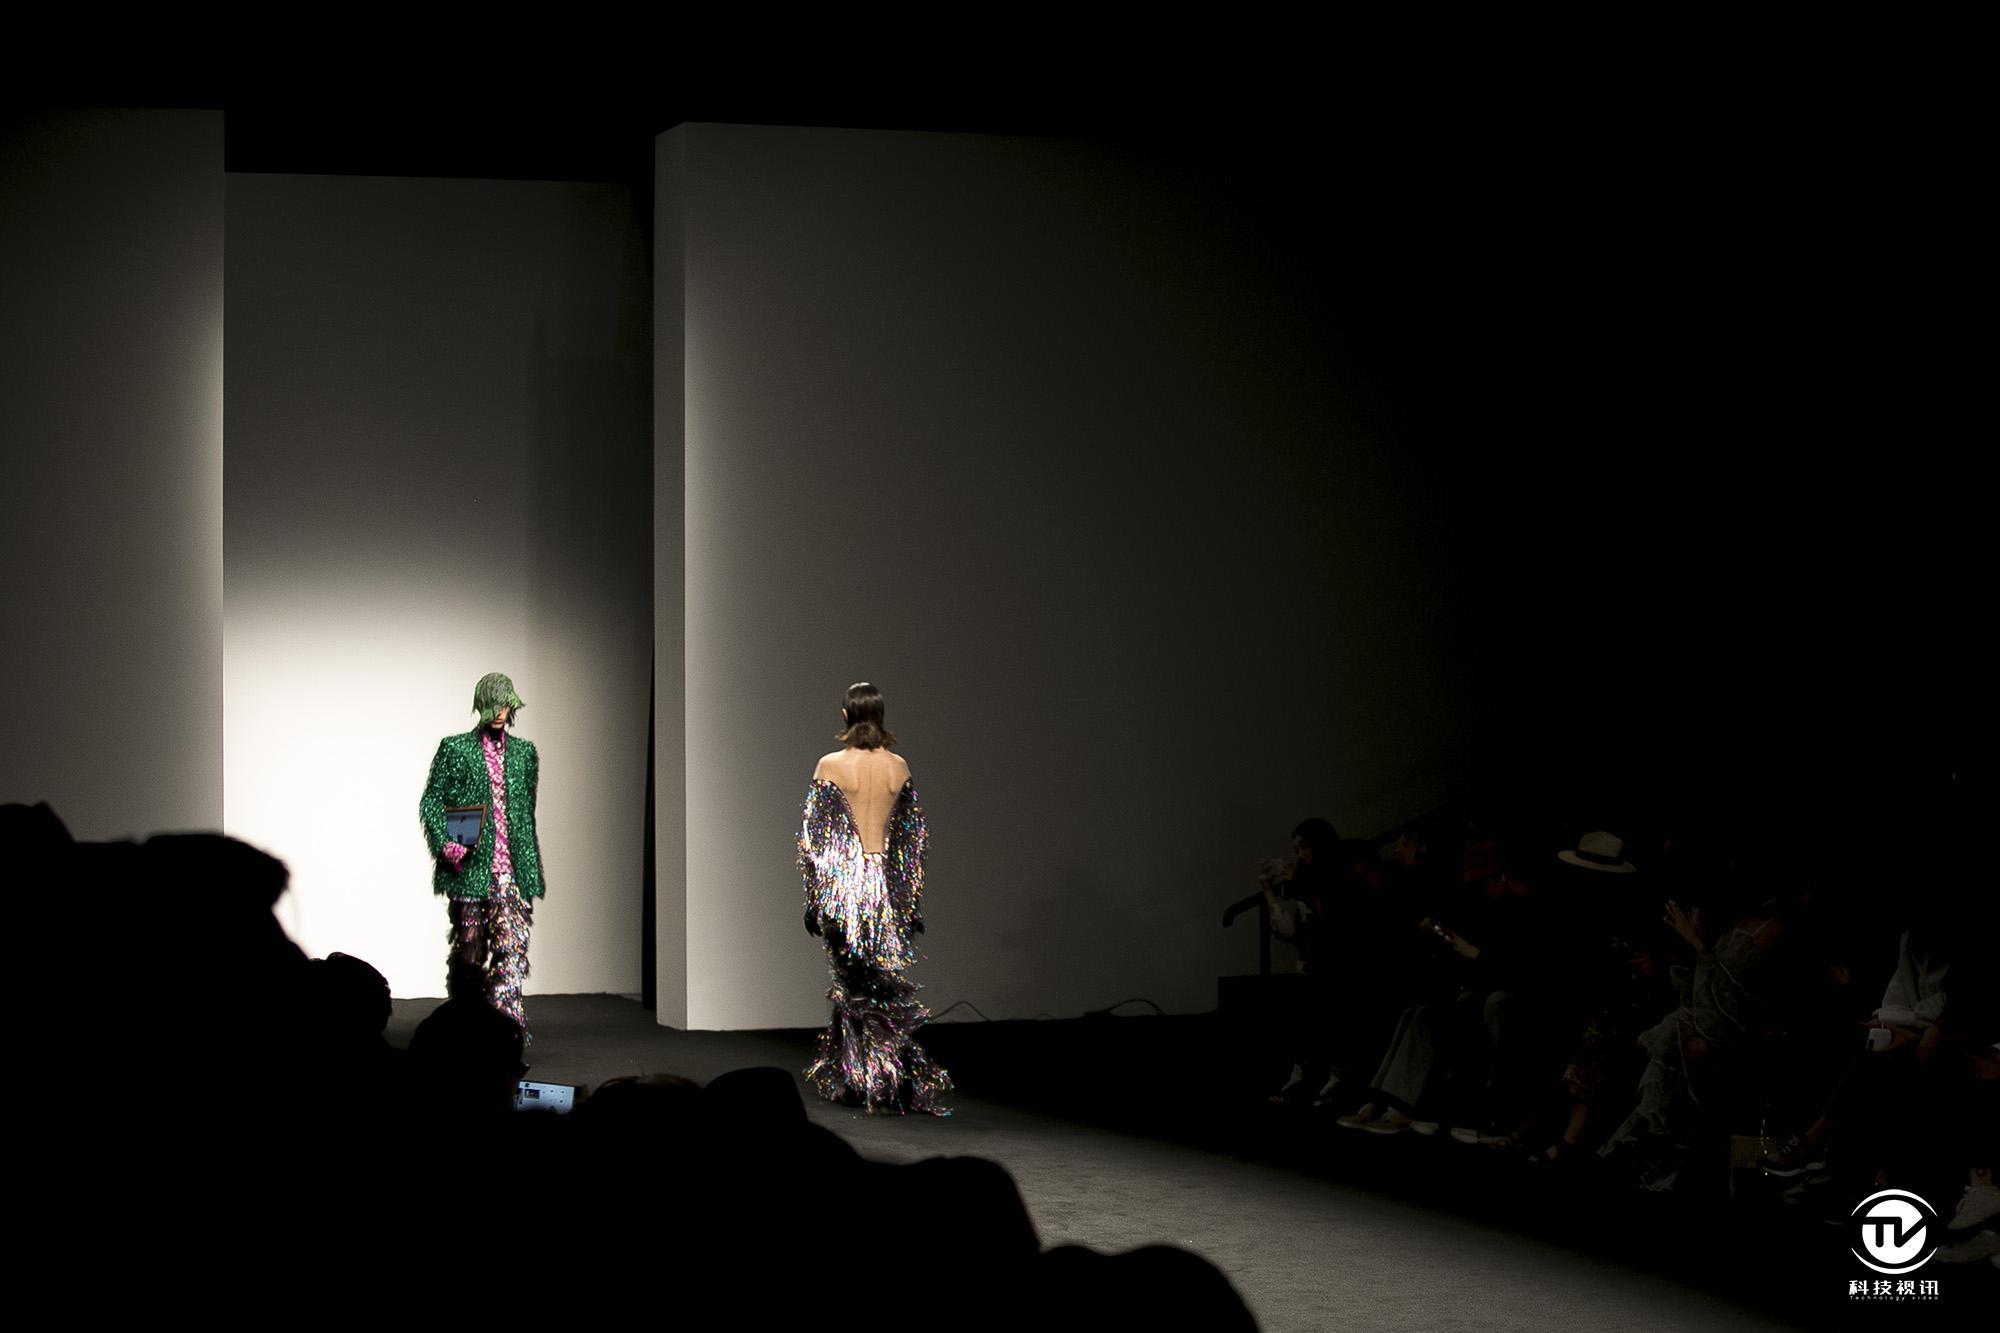 时尚与品质的交汇 惠普幽灵Folio走秀上海时装周